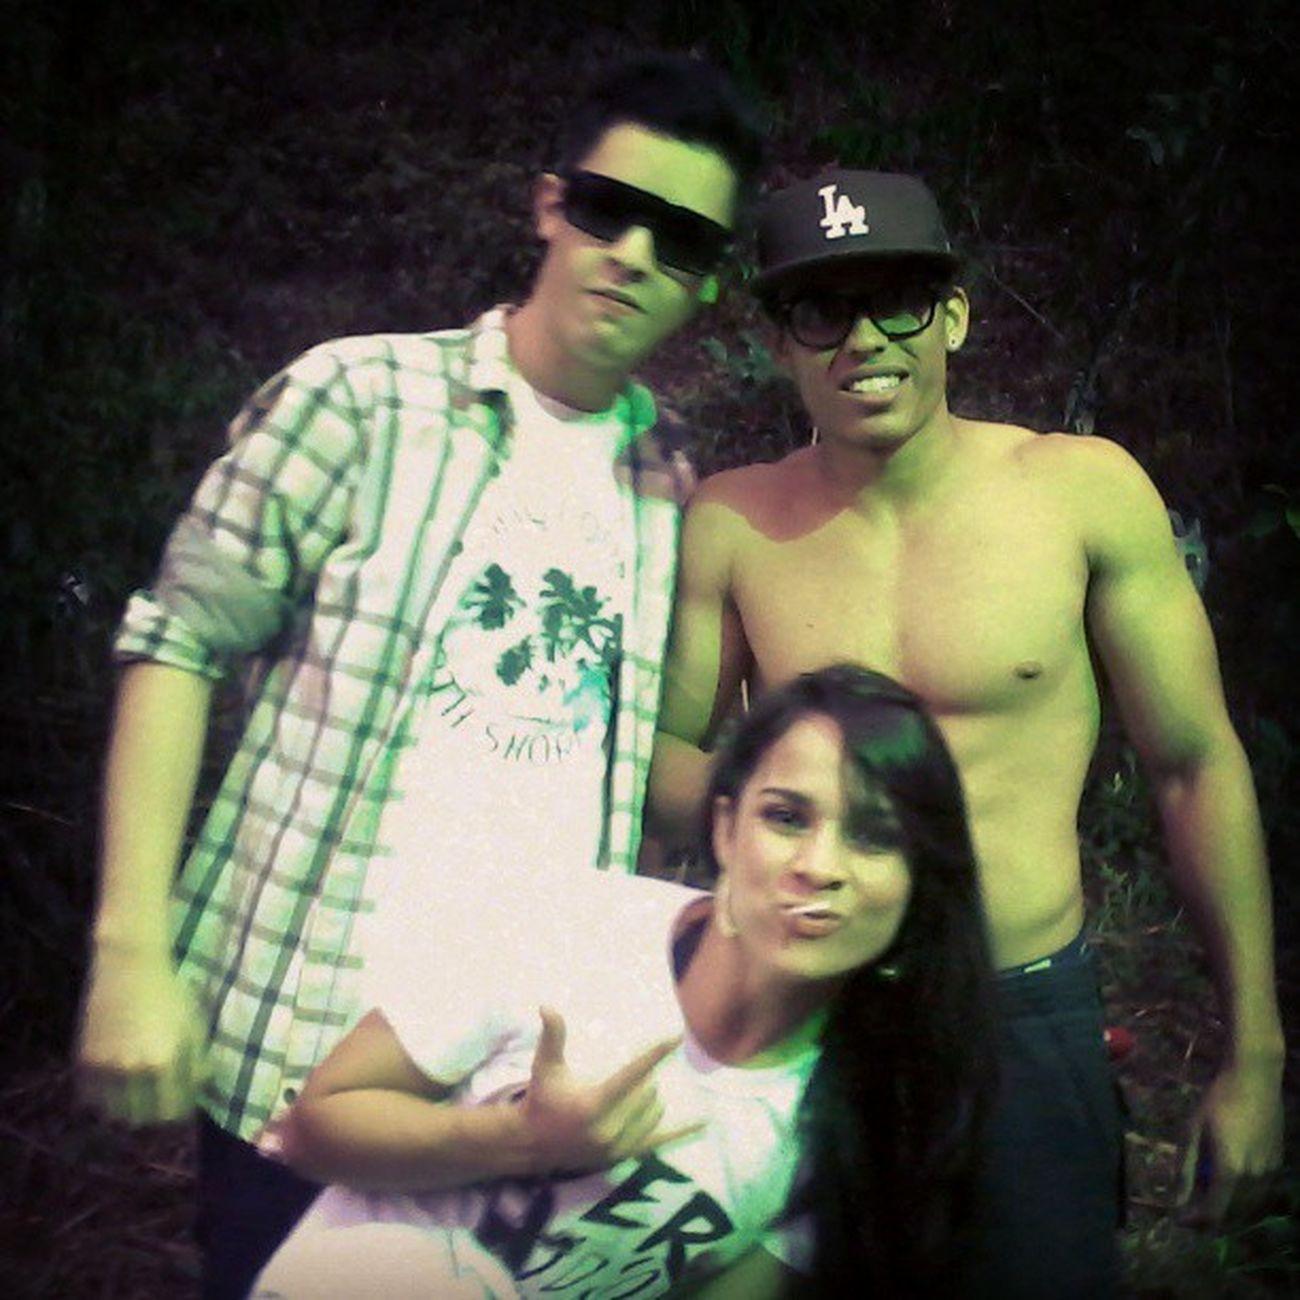 Eu amo tanto vocês seus boçais! *-* Arcadia Arcadia2013 Rave Friends Love Bestfriends Bocais Dorglas Peixorex Crilodoido Tibil sz' @faelpeixoto